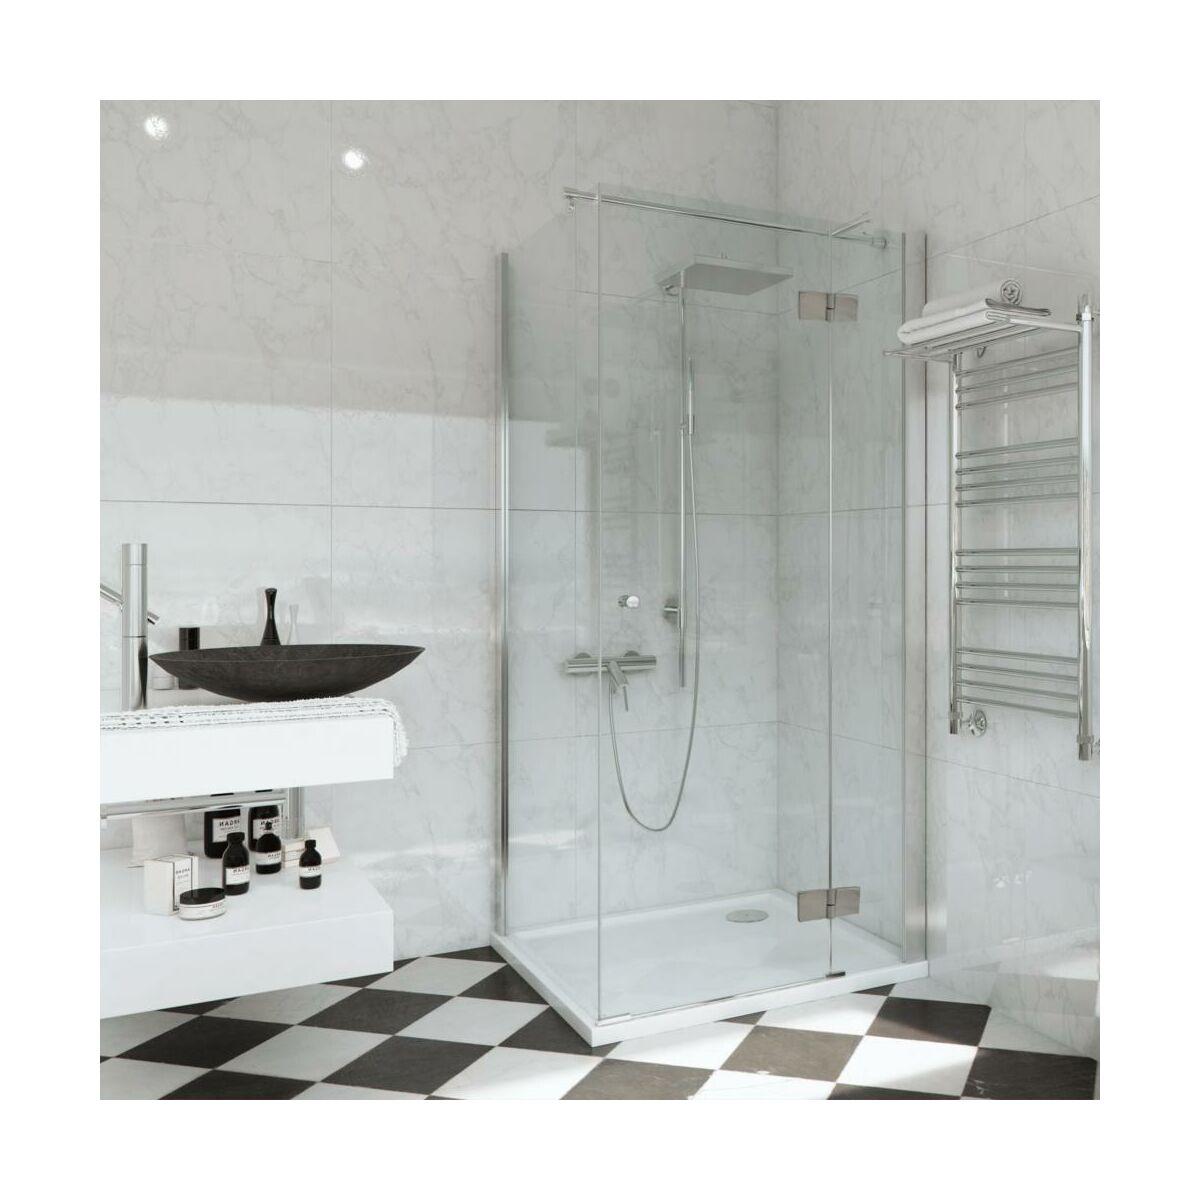 Drzwi Prysznicowe 70 X 195 Remix Sensea Drzwi I Scianki Prysznicowe W Atrakcyjnej Cenie W Sklepach Leroy Merlin